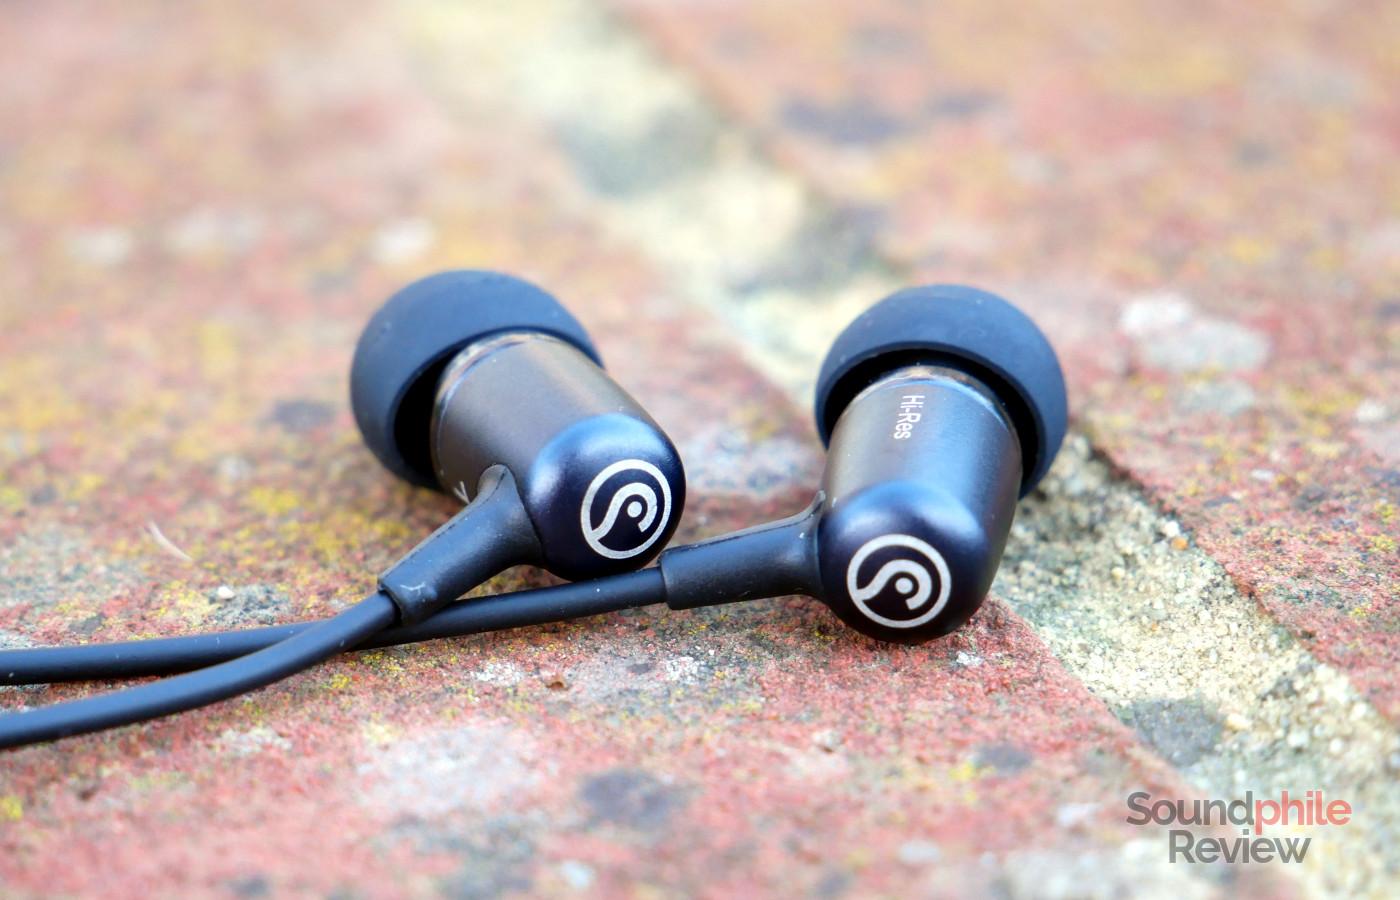 Radsone EarStudio HE100 review